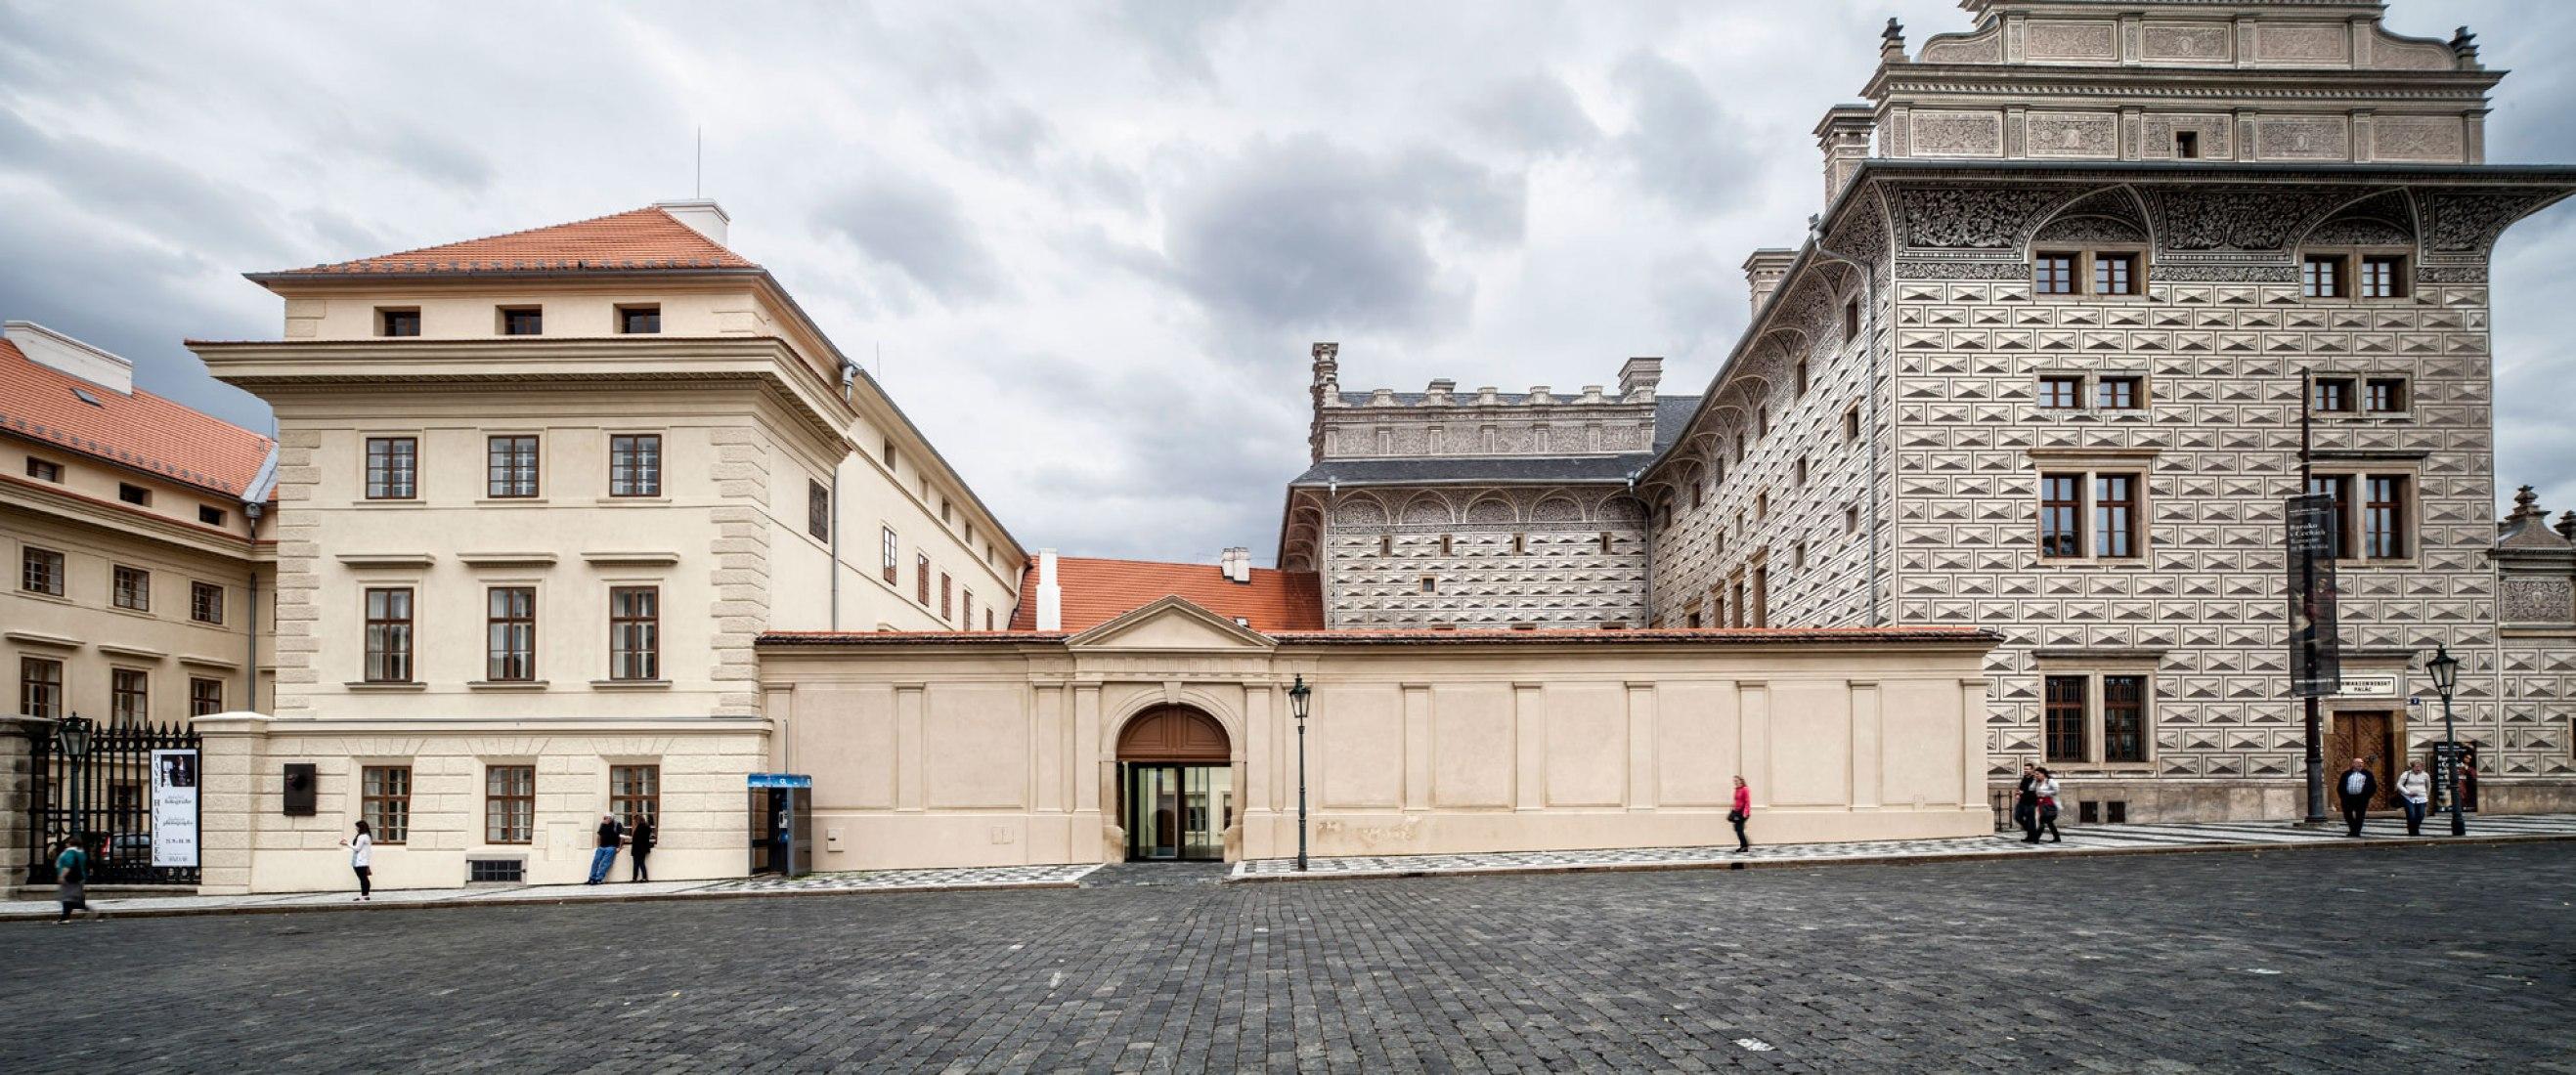 Vista exterior del acceso. Hall de Entrada a la Galería Nacional de Praga por Josep Lluís Mateo. Fotografía © Adrià Goula.